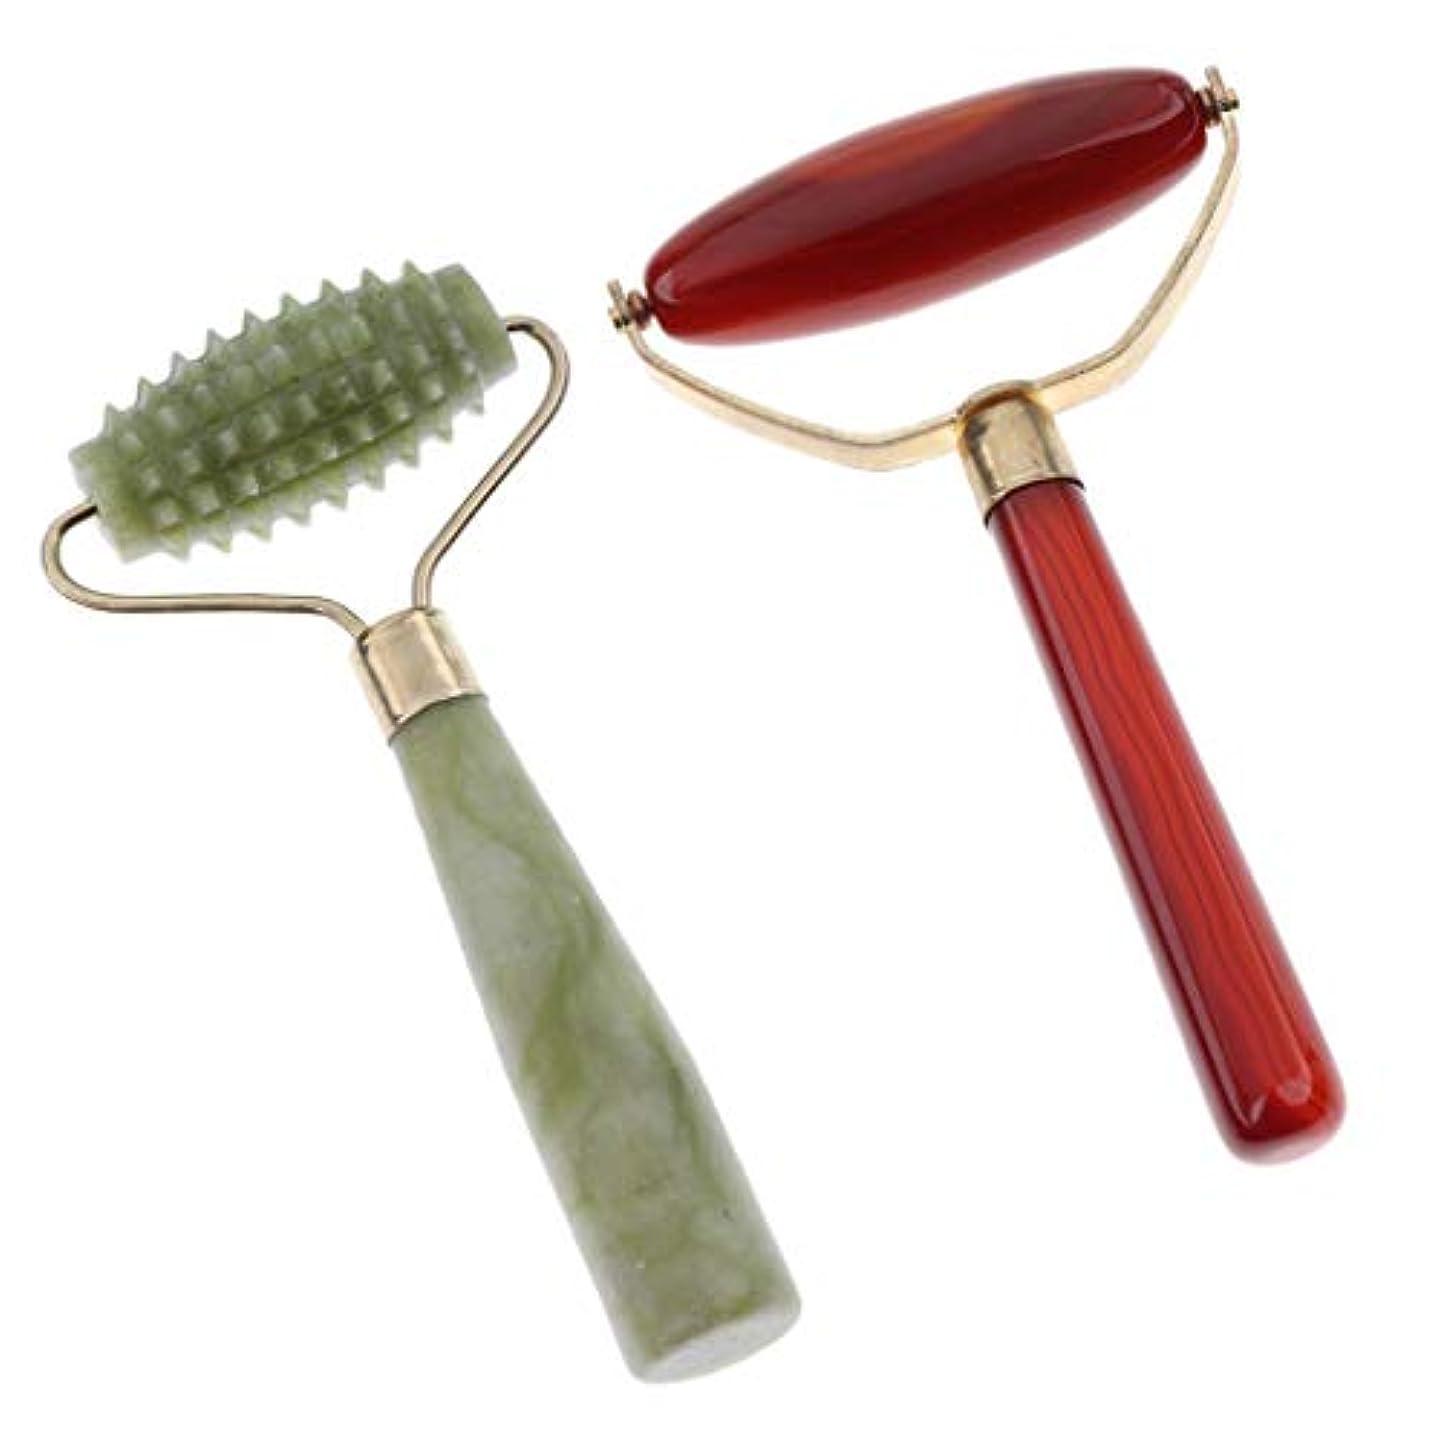 理容師伝染病ペルメルFLAMEER 美容ツールマッサージ 翡翠の石ローラー グアシャマッサージツール 操作 簡単 2本